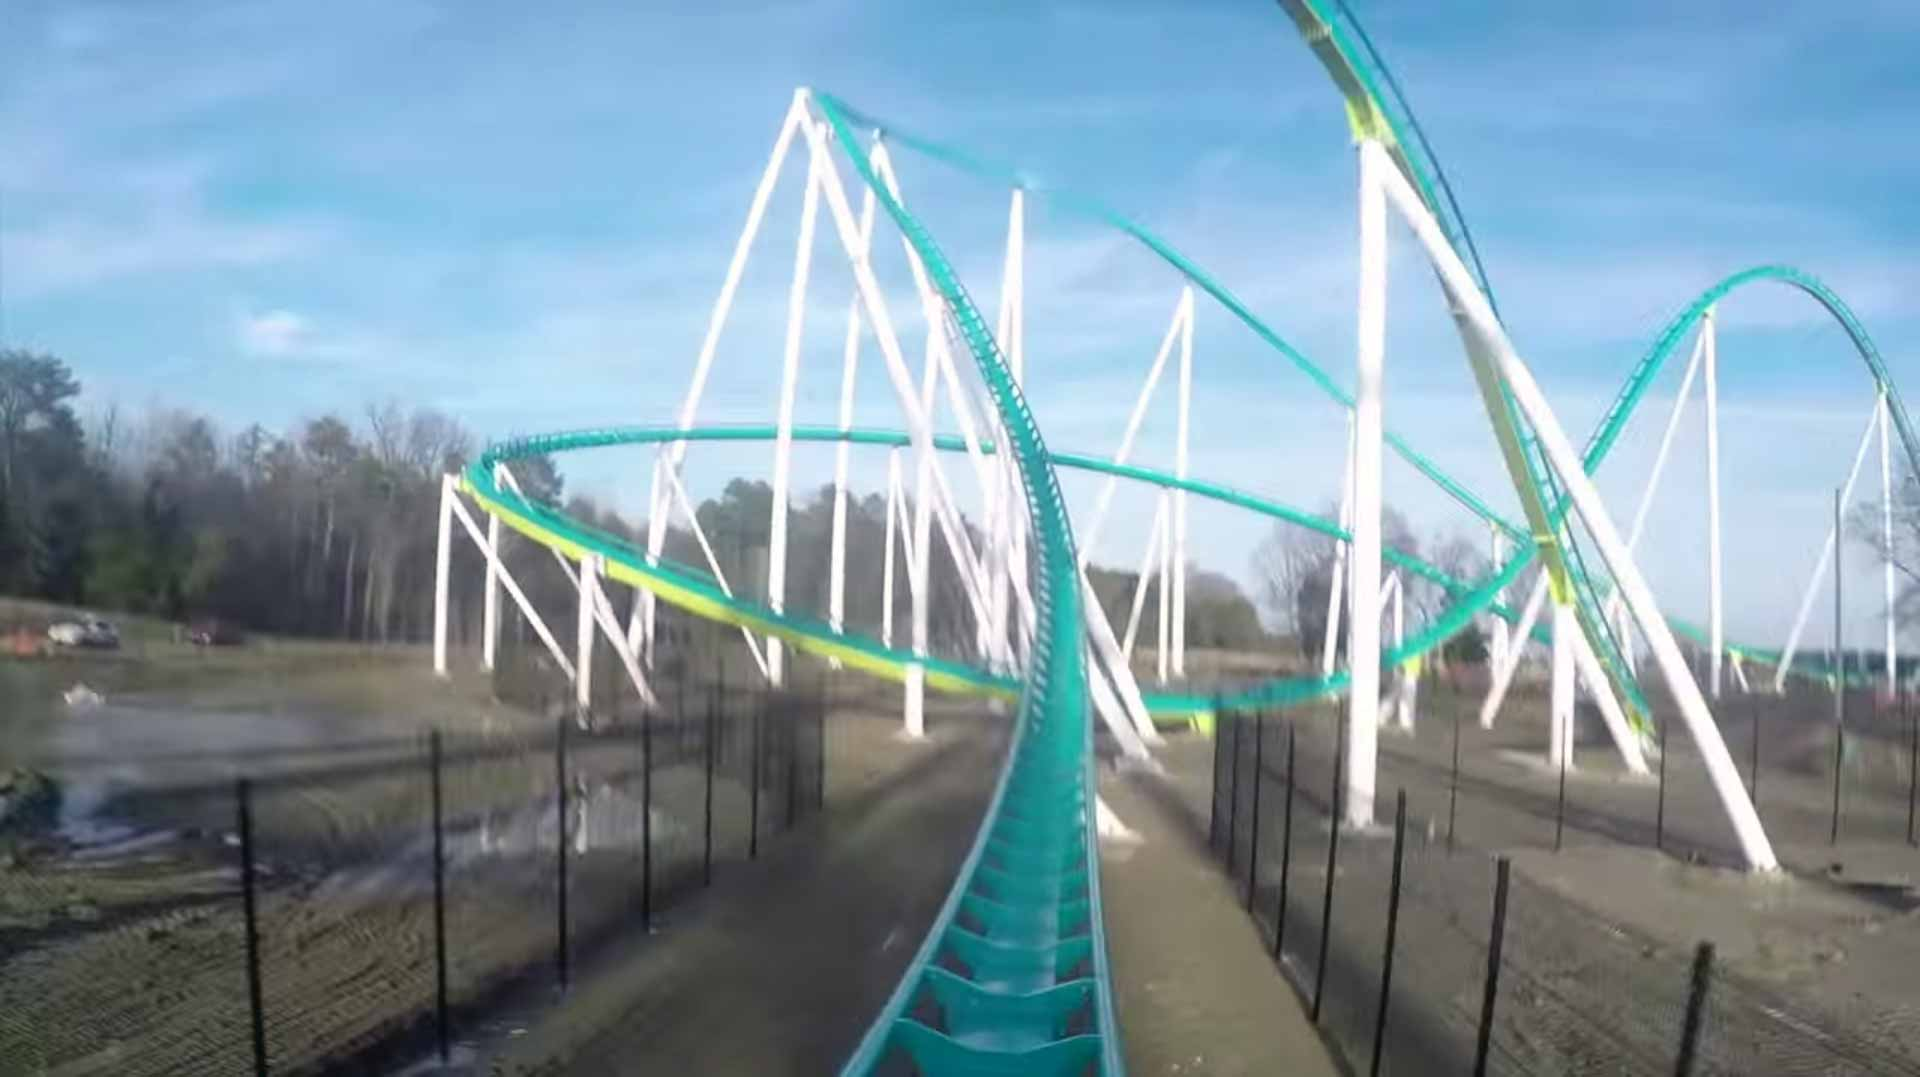 Rollers Highest Roller Coaster